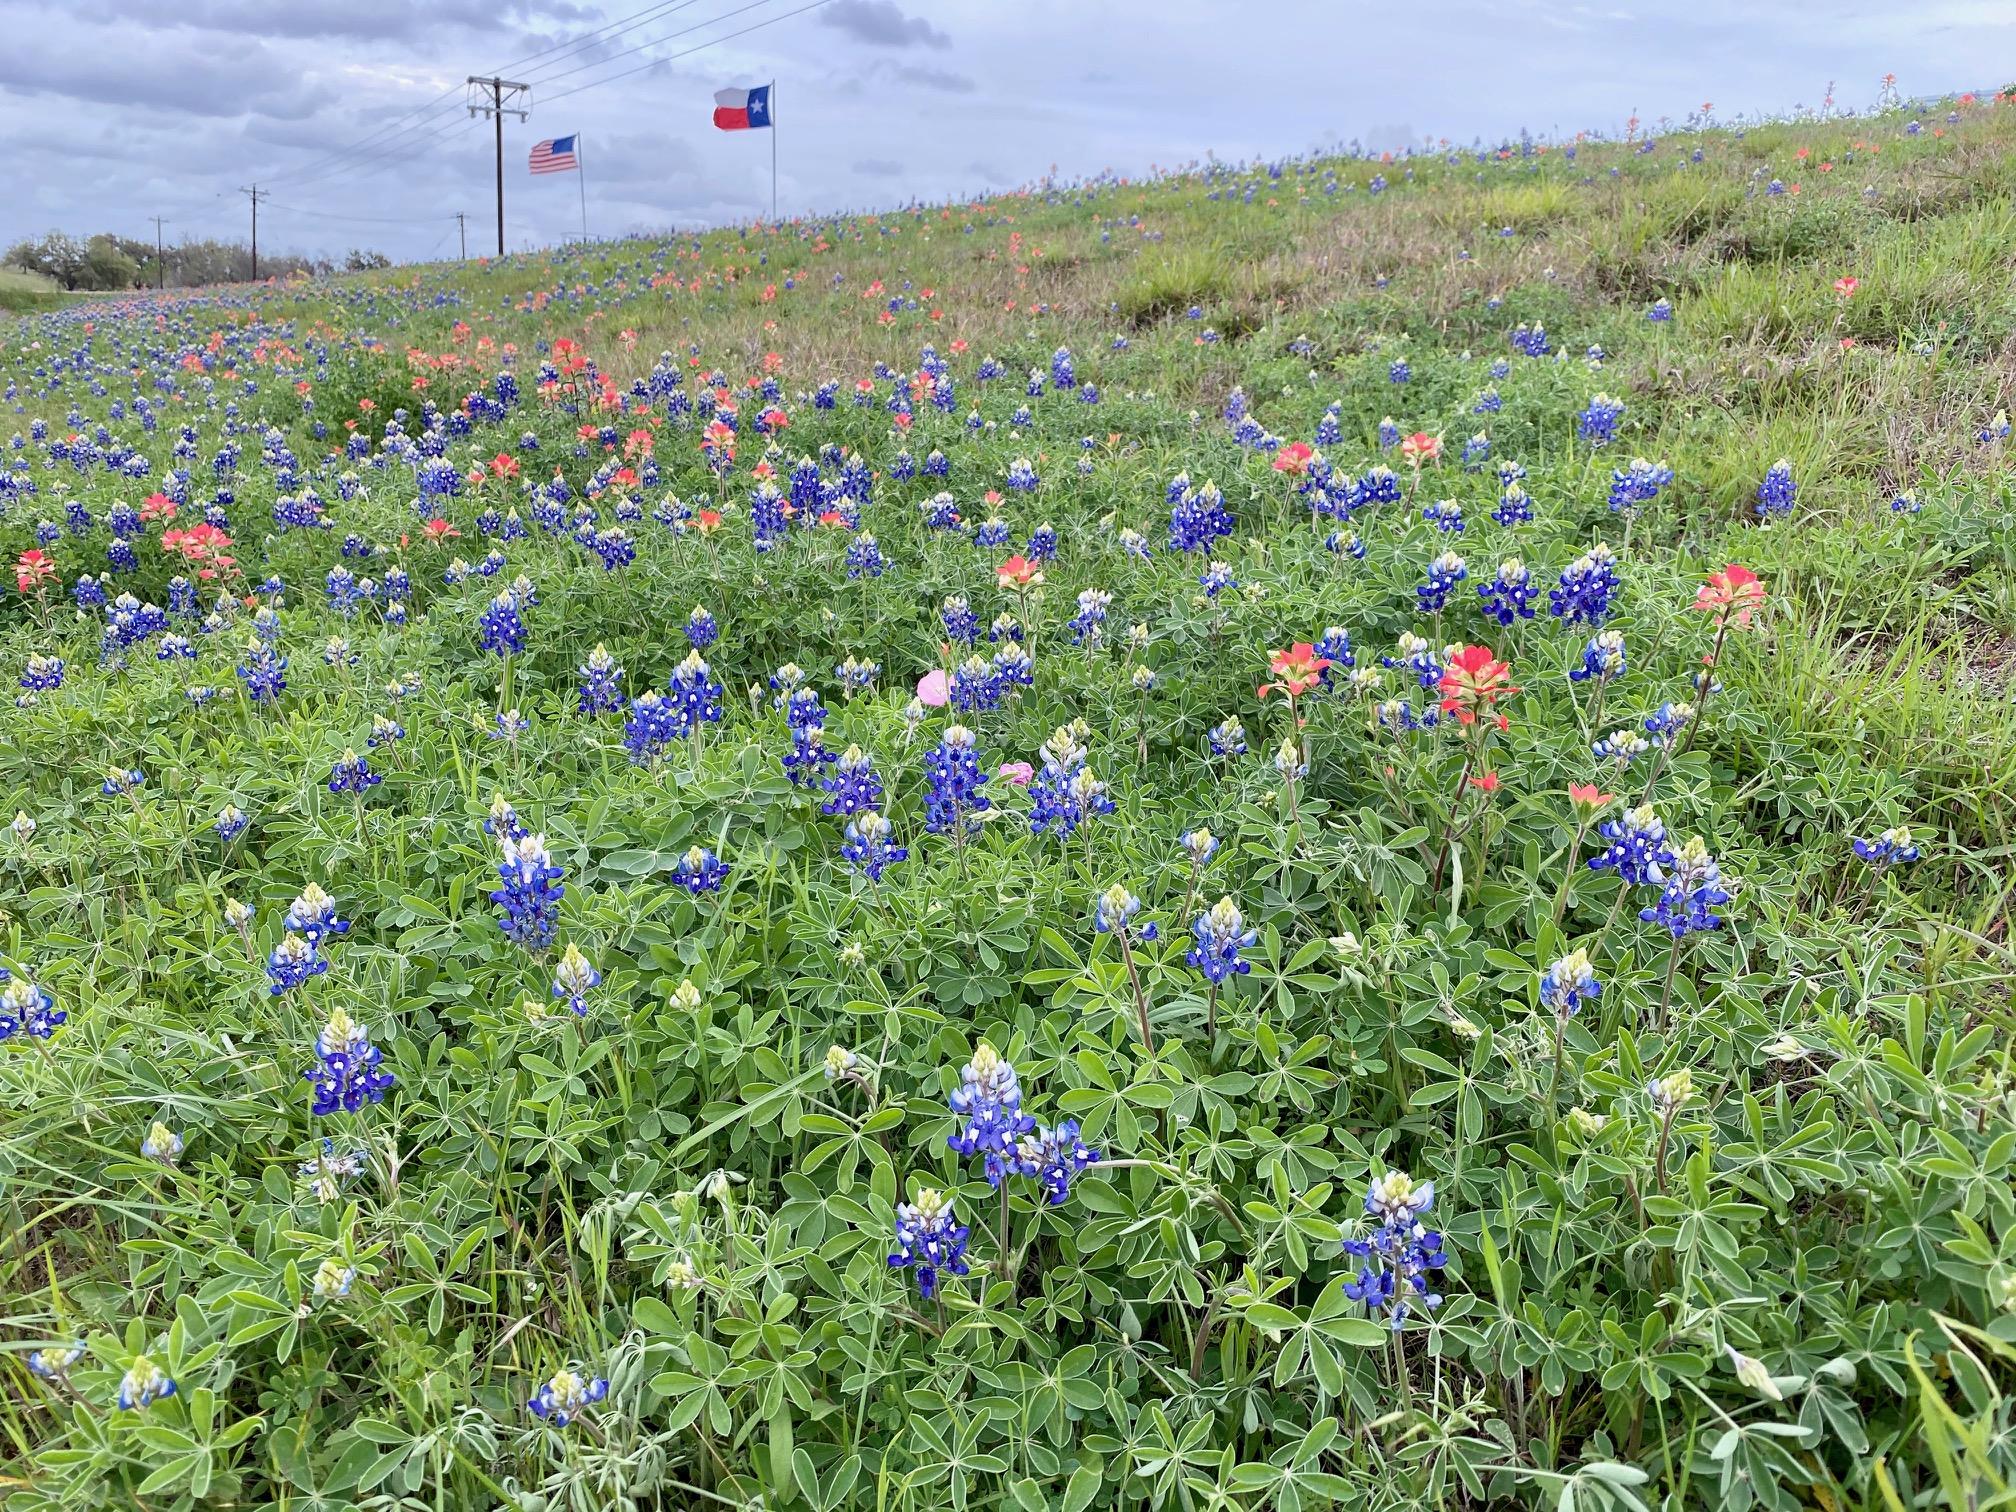 Wildflowers along Highway 77 from Yoakum to Cuero